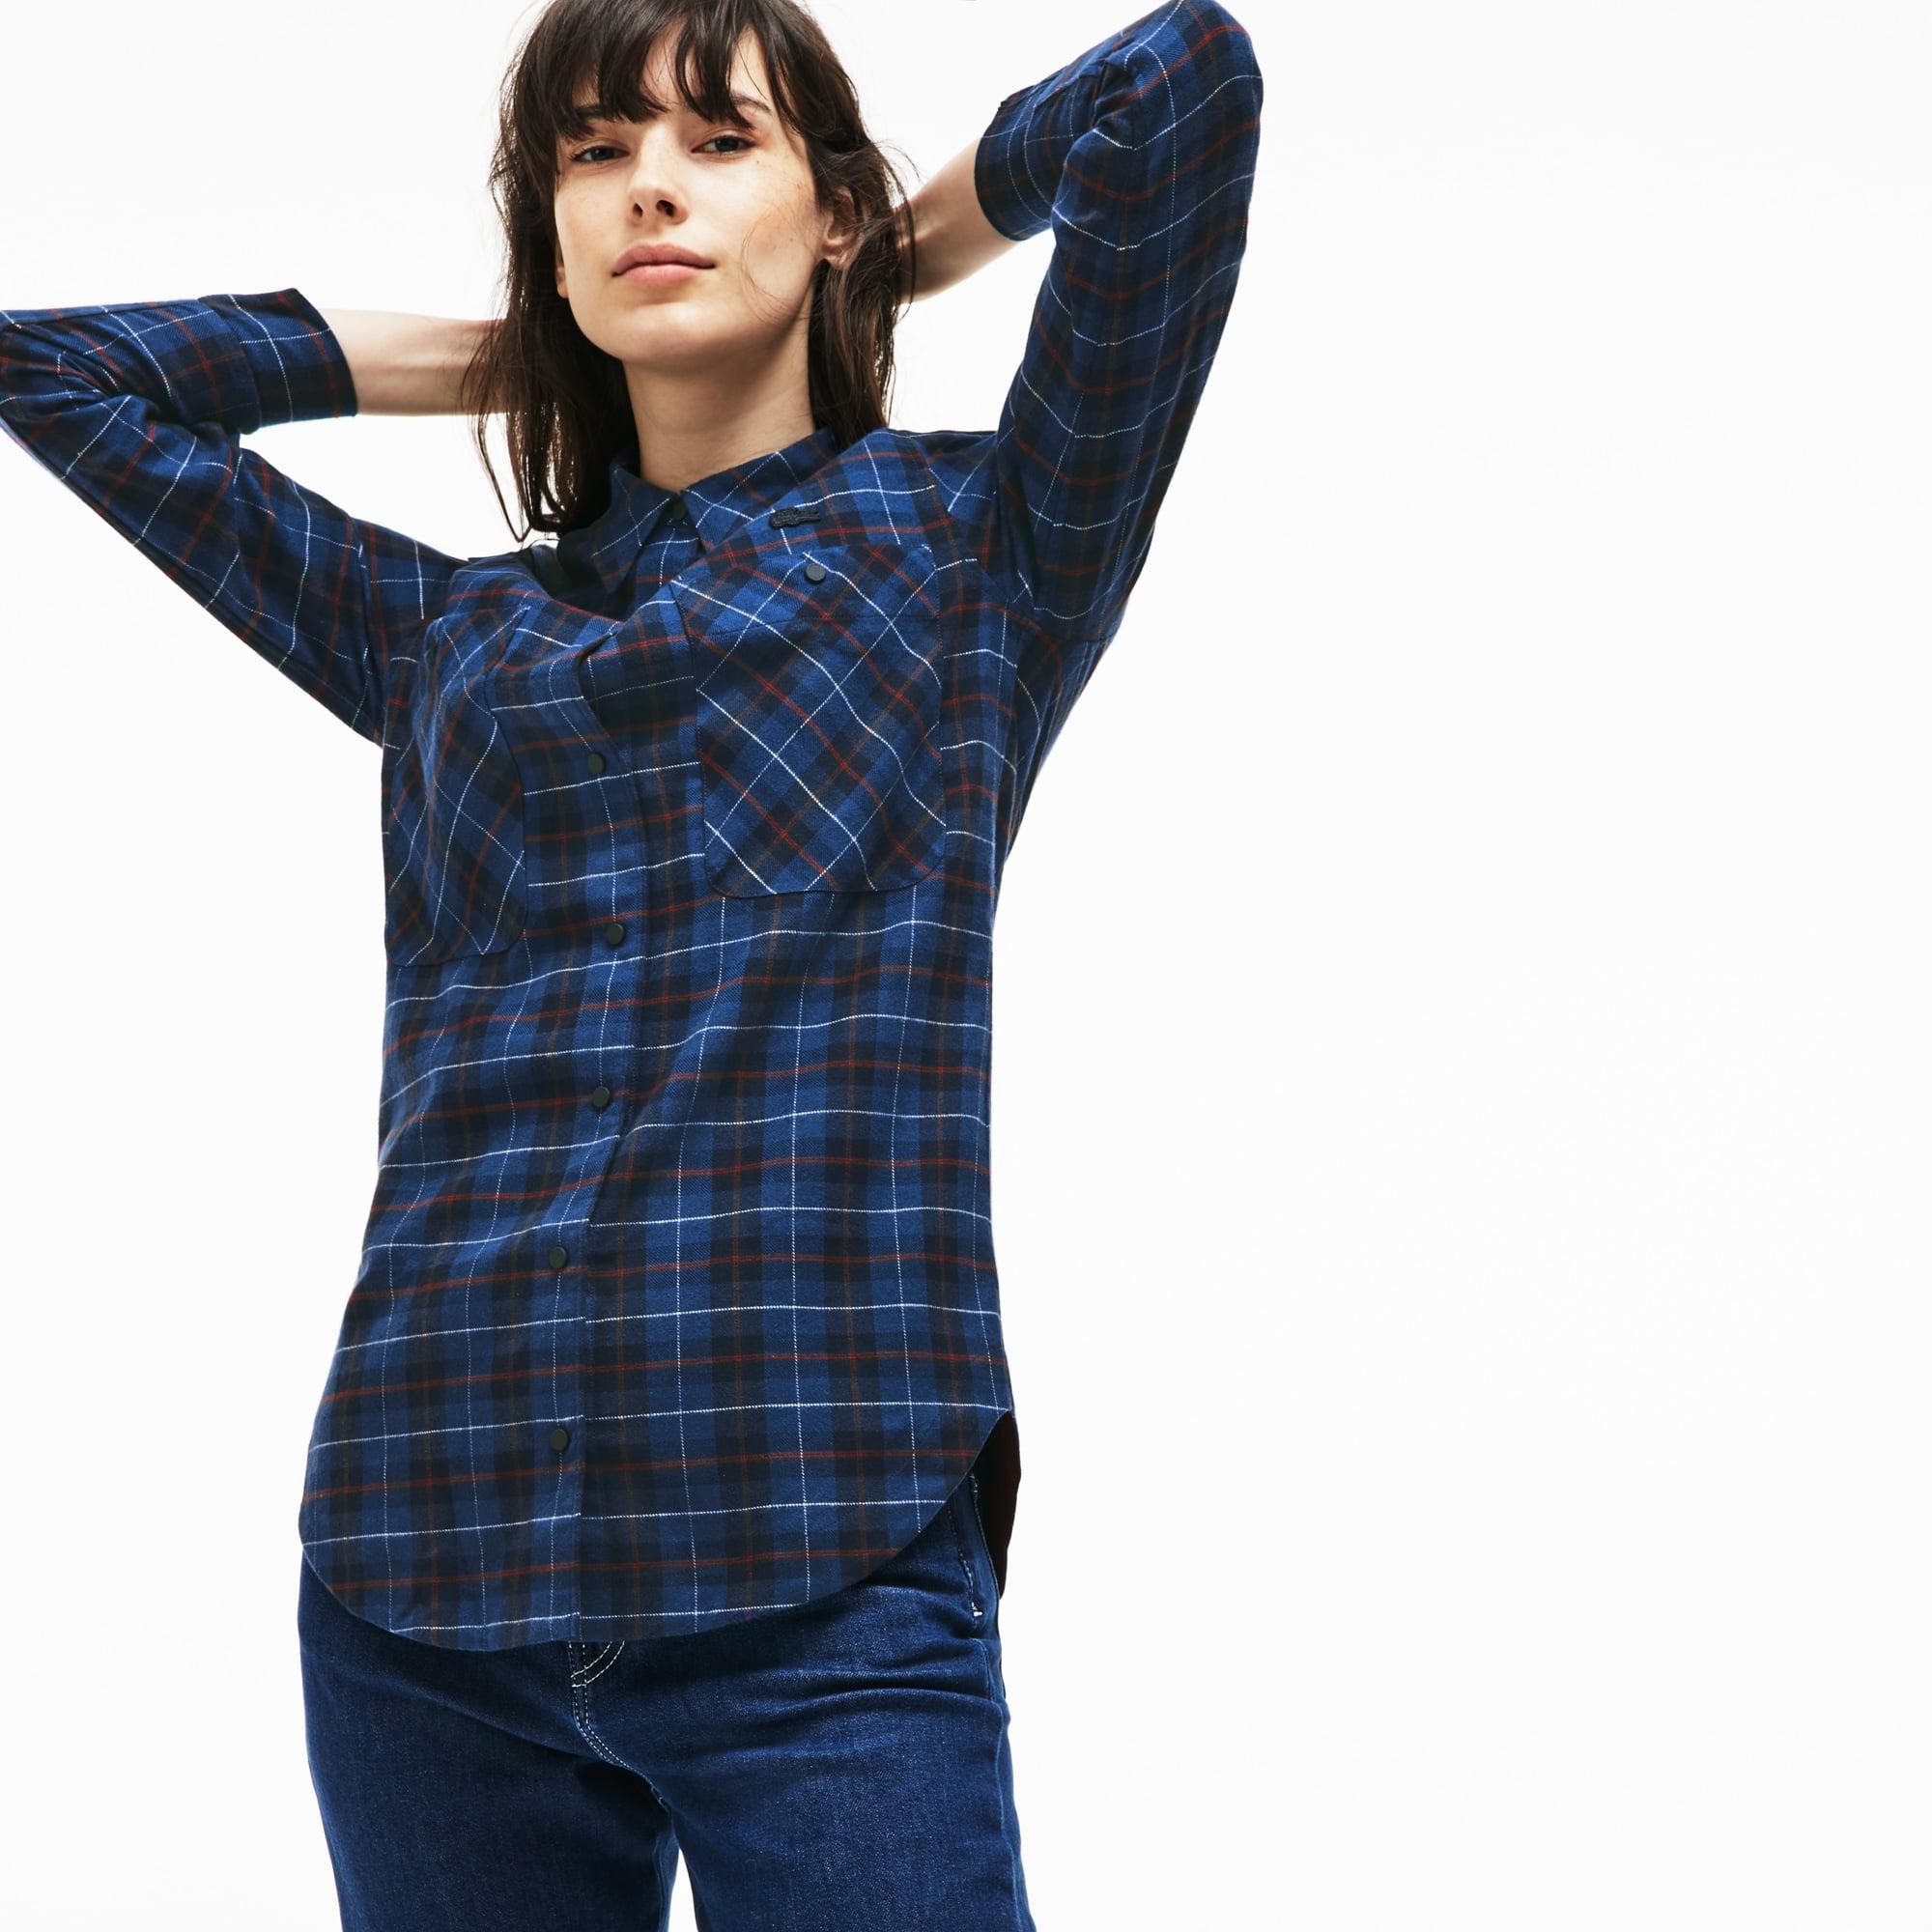 女士修身版弹力格纹棉质帆布衬衫